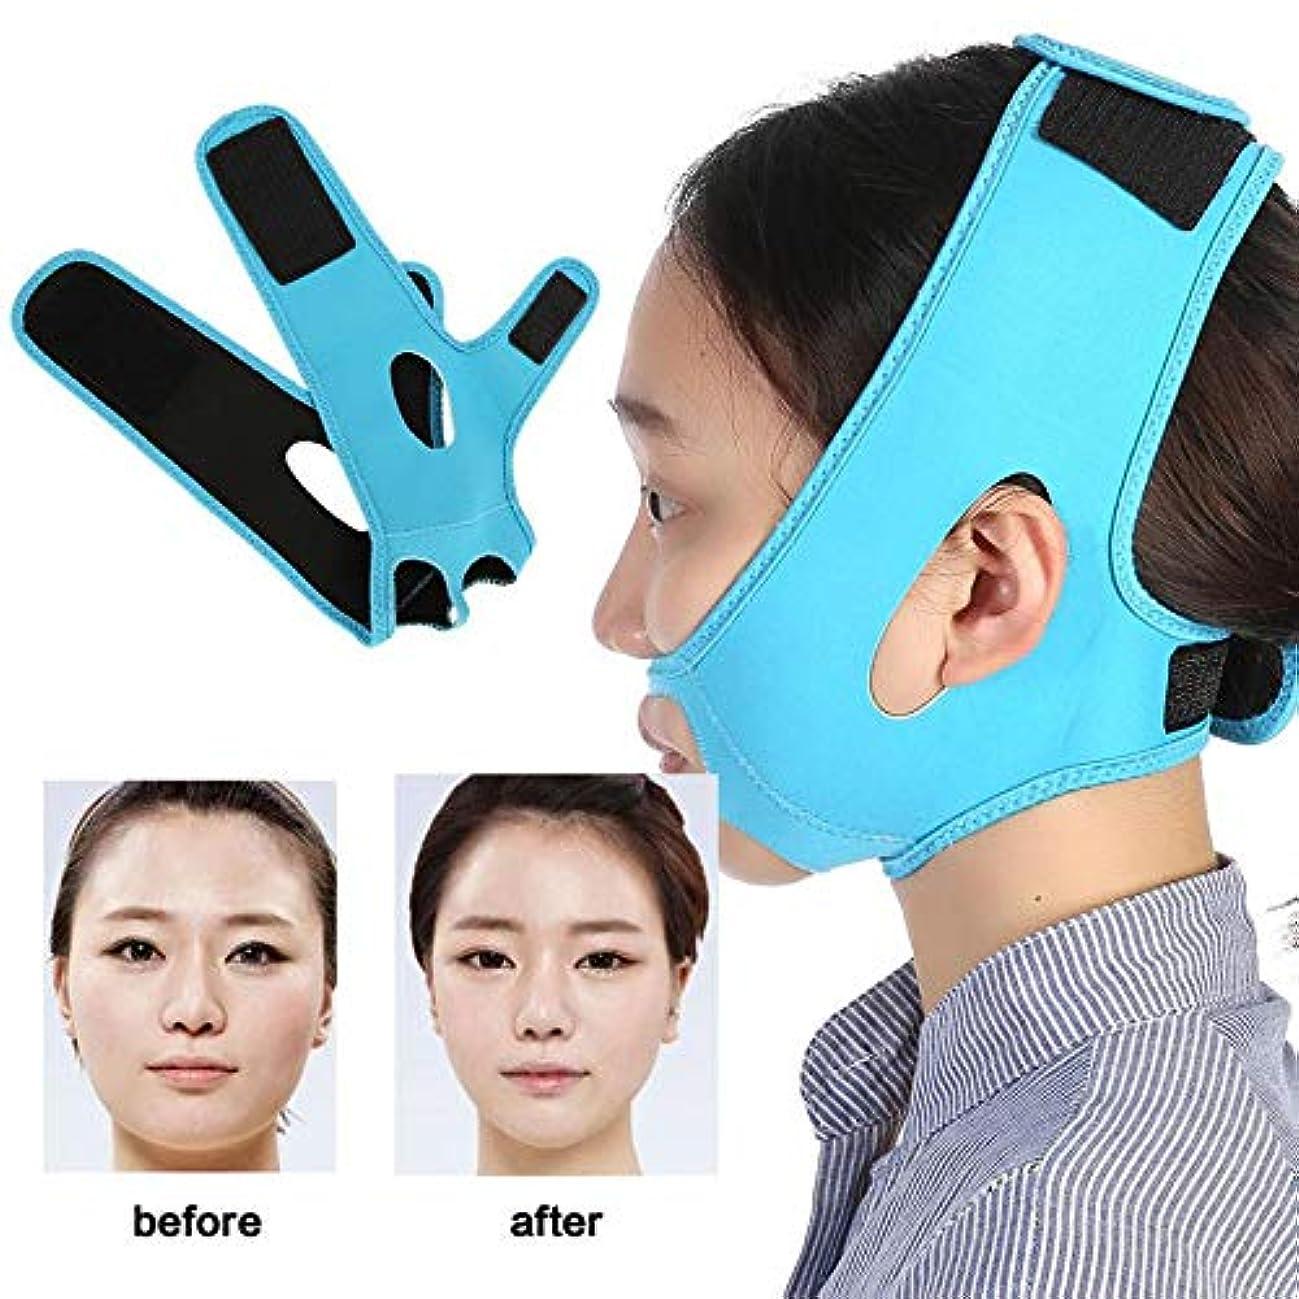 何よりもコロニー創傷包帯のスキンケアのベルトの形および上昇を細くする顔の薄いフェイスマスクは二重あごのフェイスマスクの顔のThiningバンドを減らします